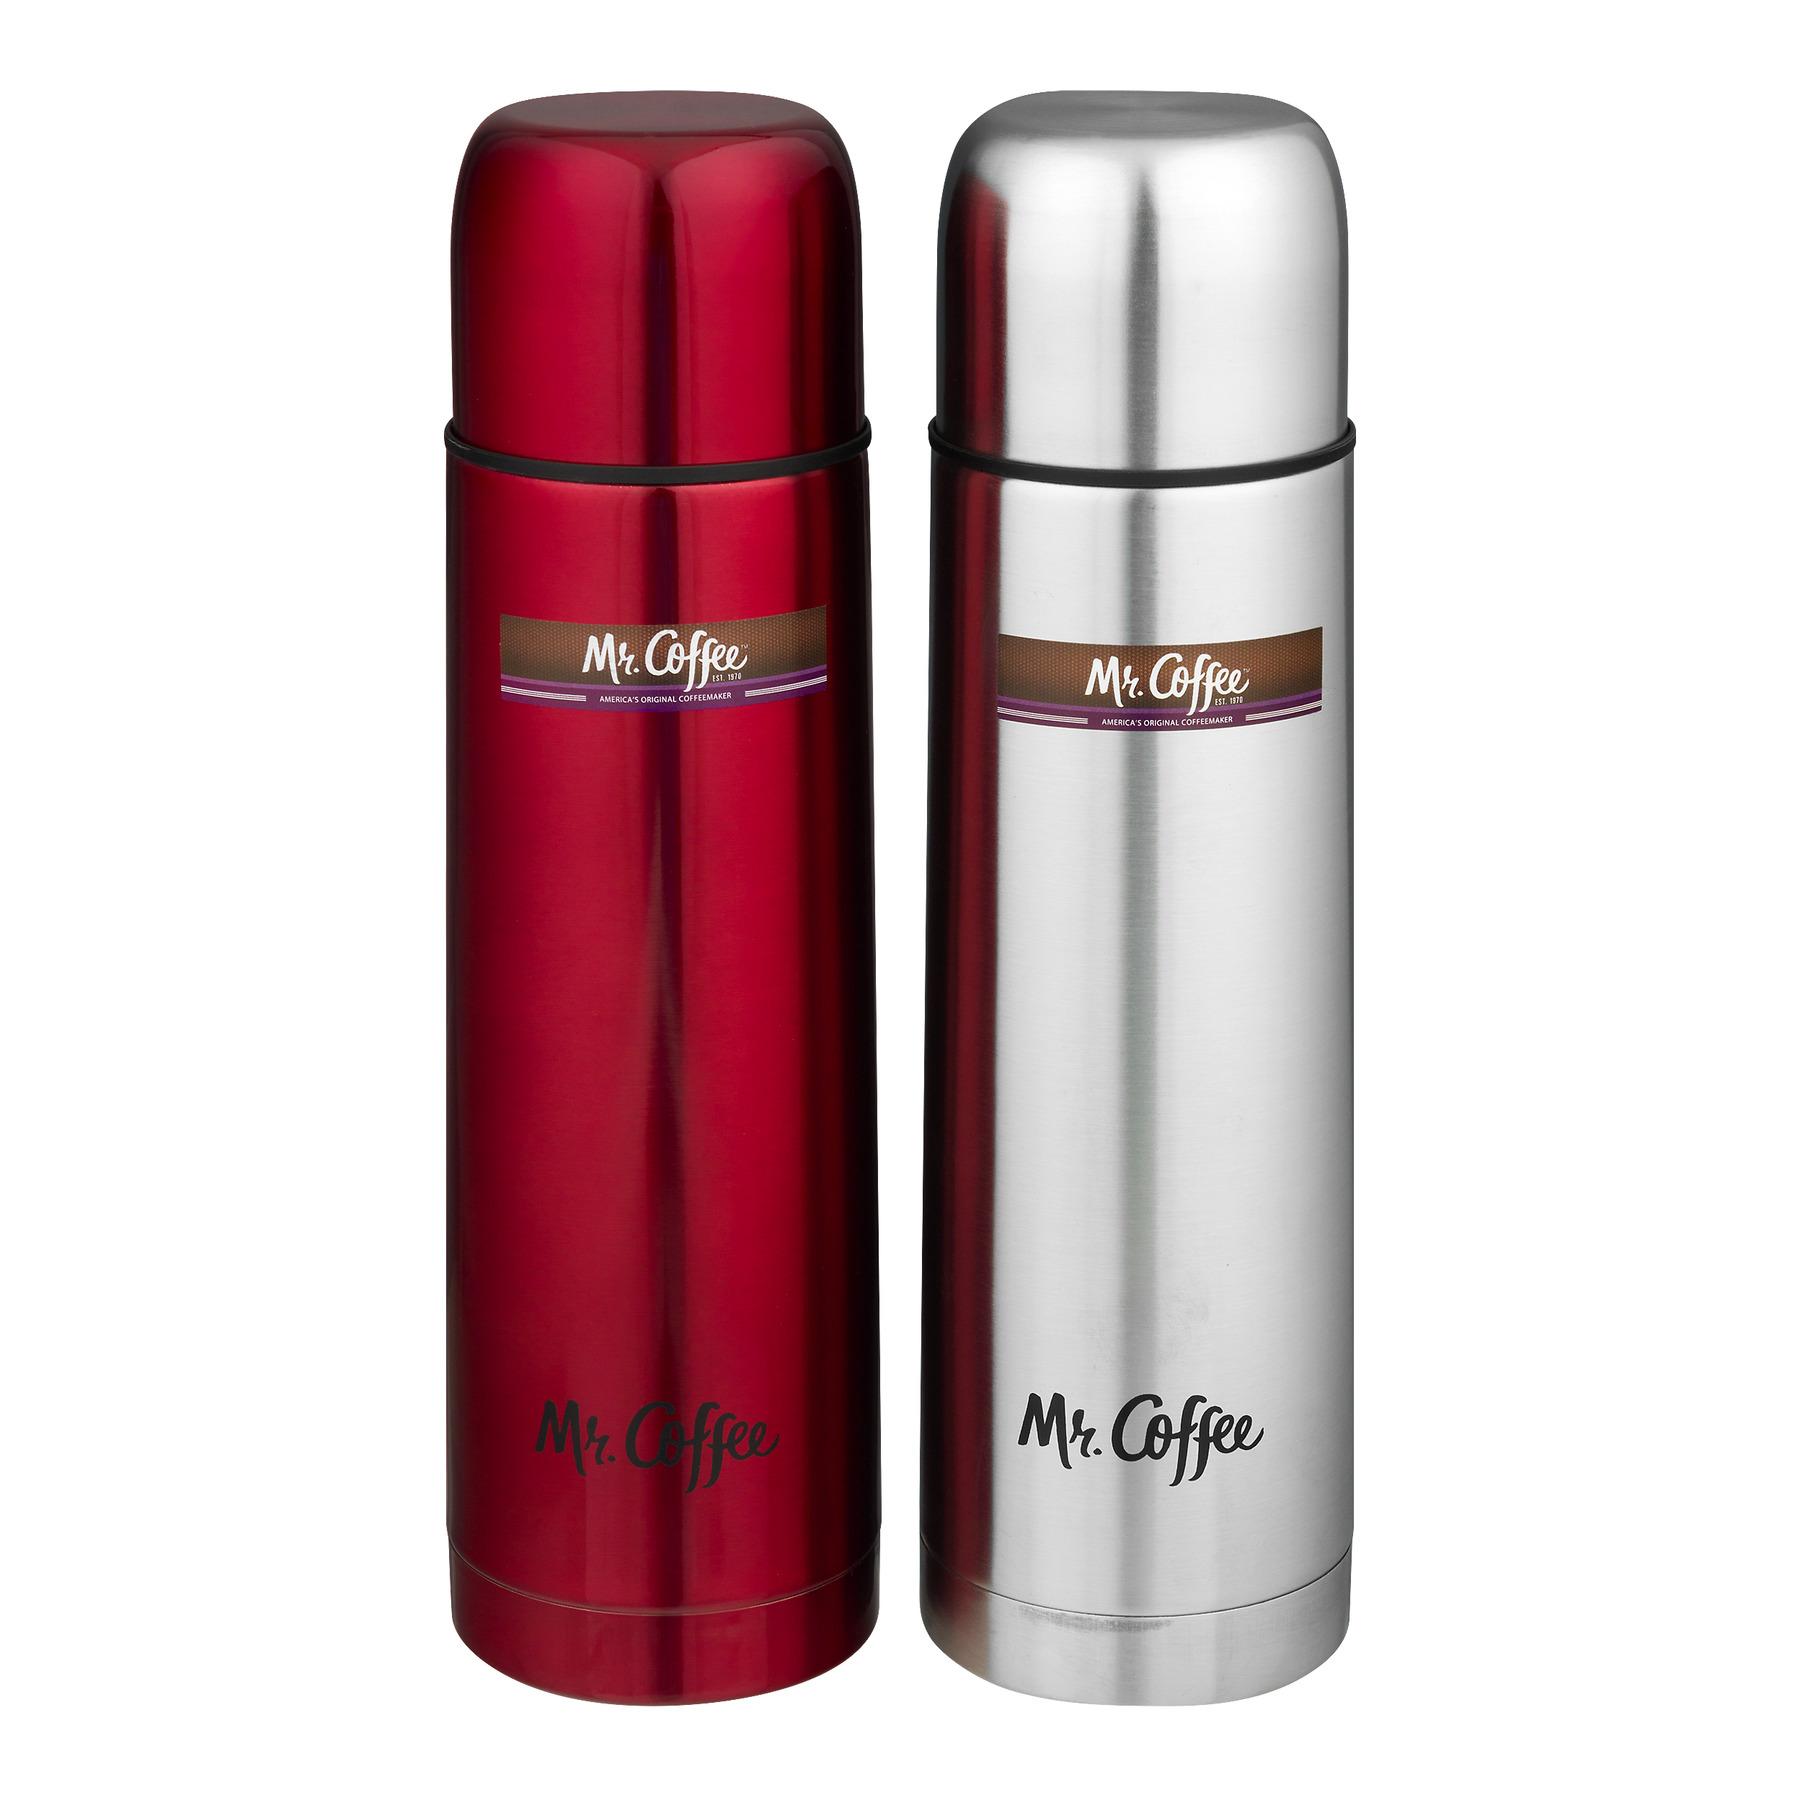 Mr. Coffee Javelin Travel Thermal Bottle - 2 PK, 2.0 PACK